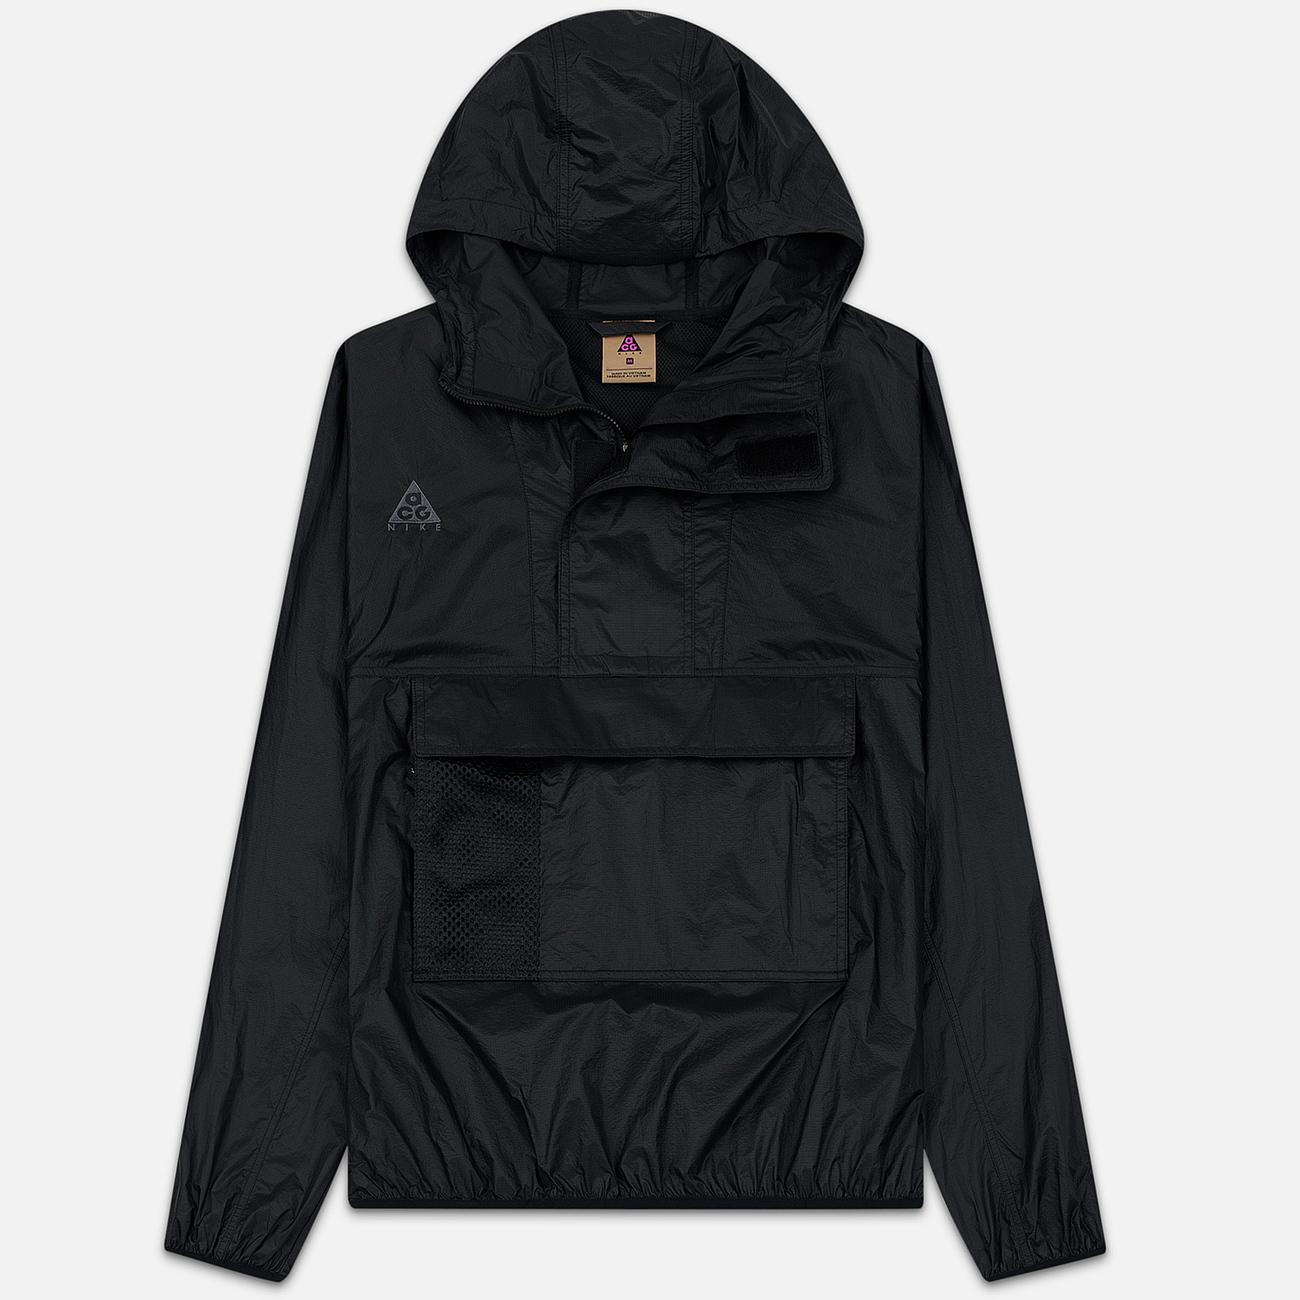 Мужская куртка анорак Nike ACG NRG Black/Anthracite